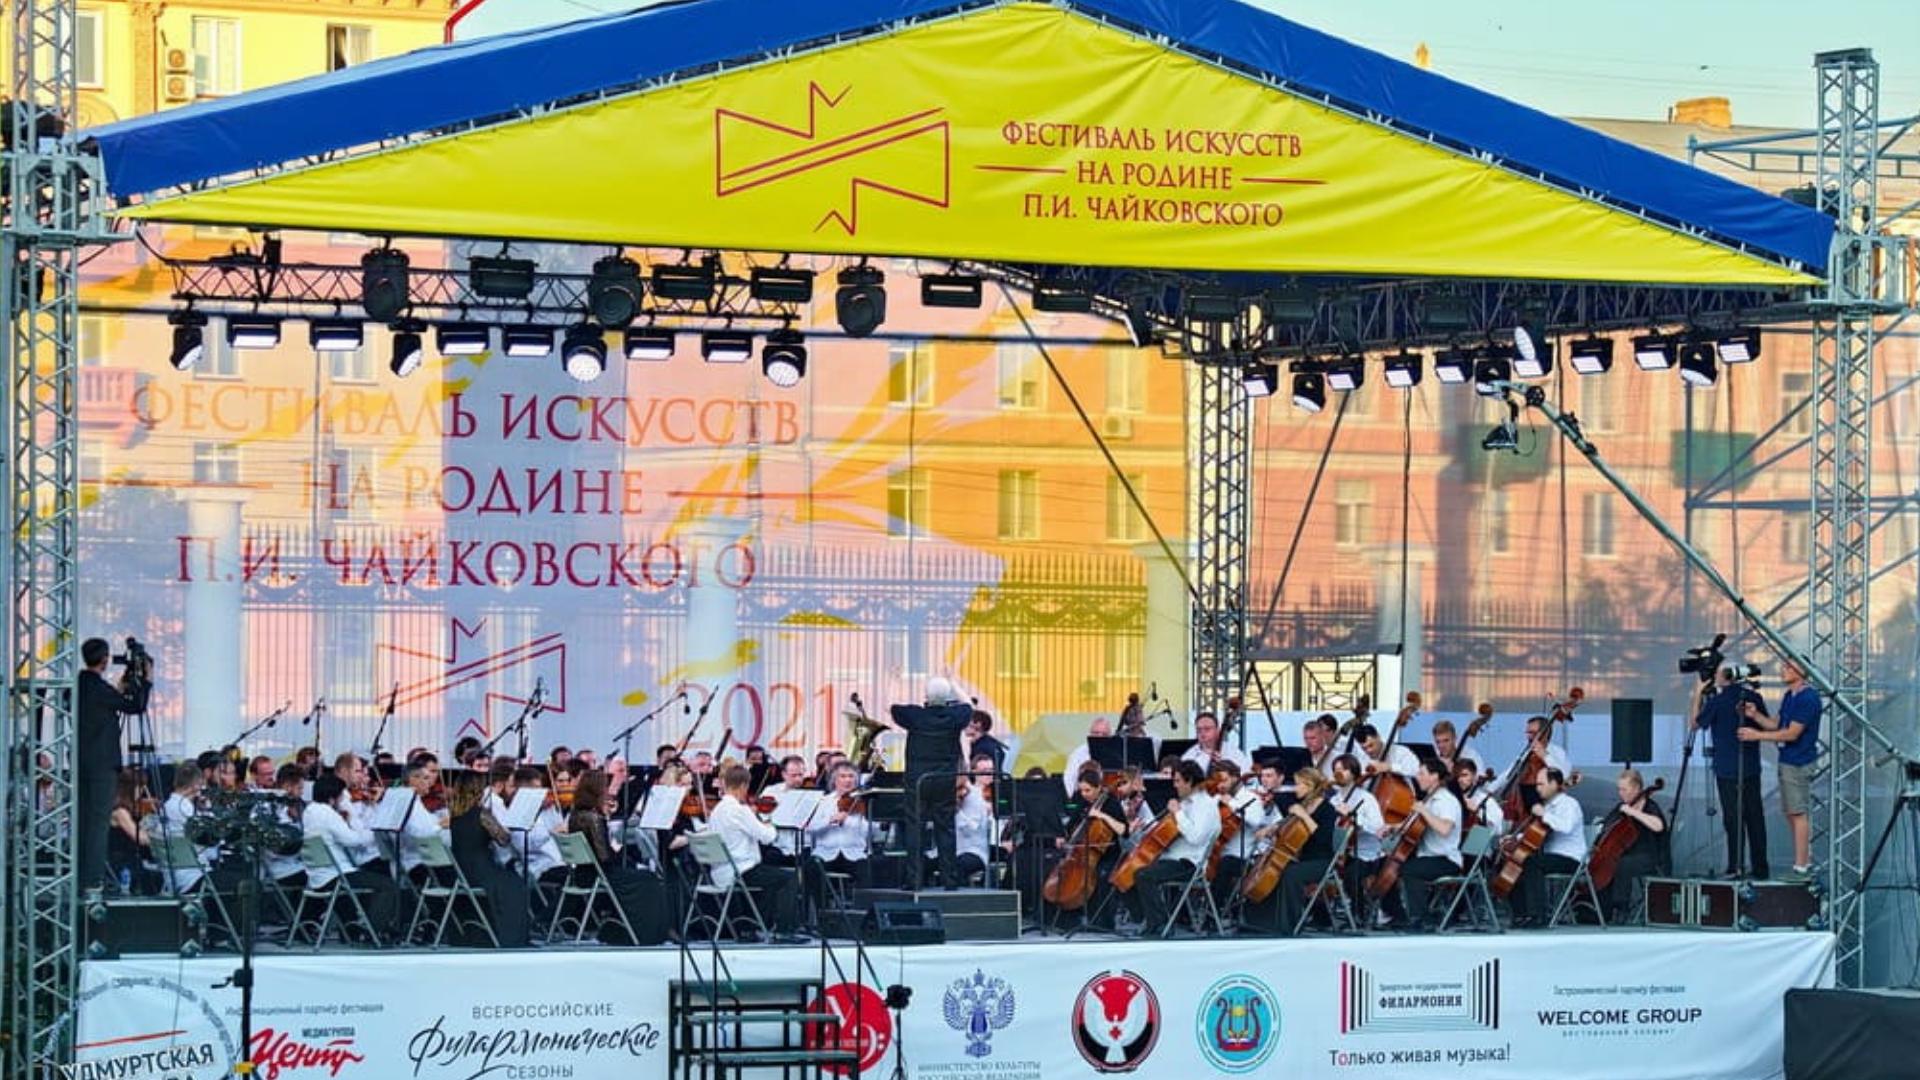 Фестиваль искусств на Родине П. И. Чайковского